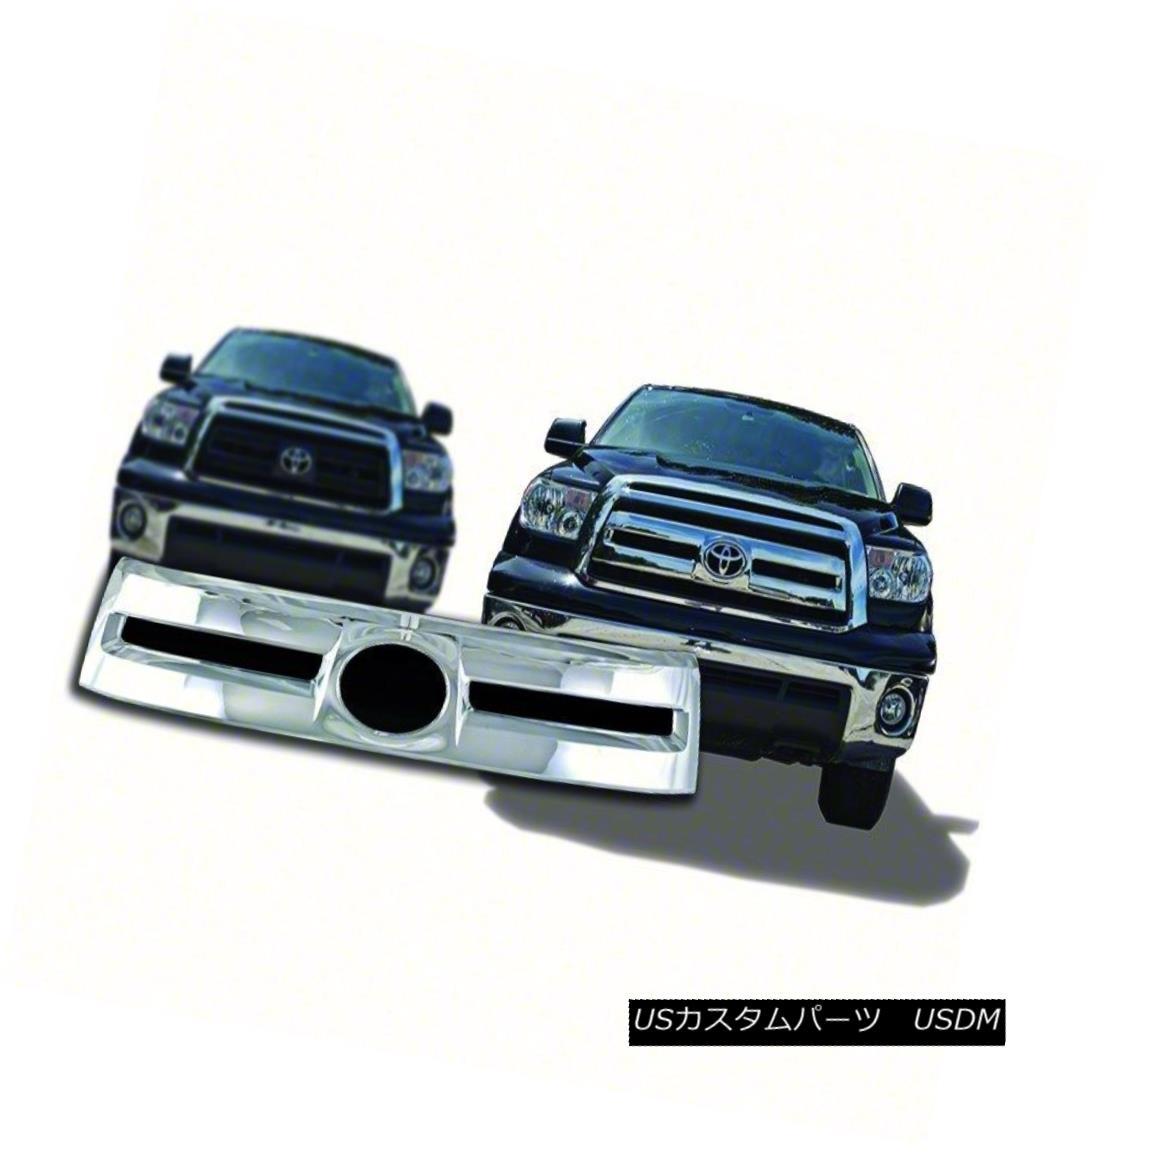 グリル IWCGI79-Fits 2010-13 Toyota Tundra-Chrome Grille Overlay IWCGI79-Fits 2010-13 Toyota Tundra-Chrome Grille Overlay